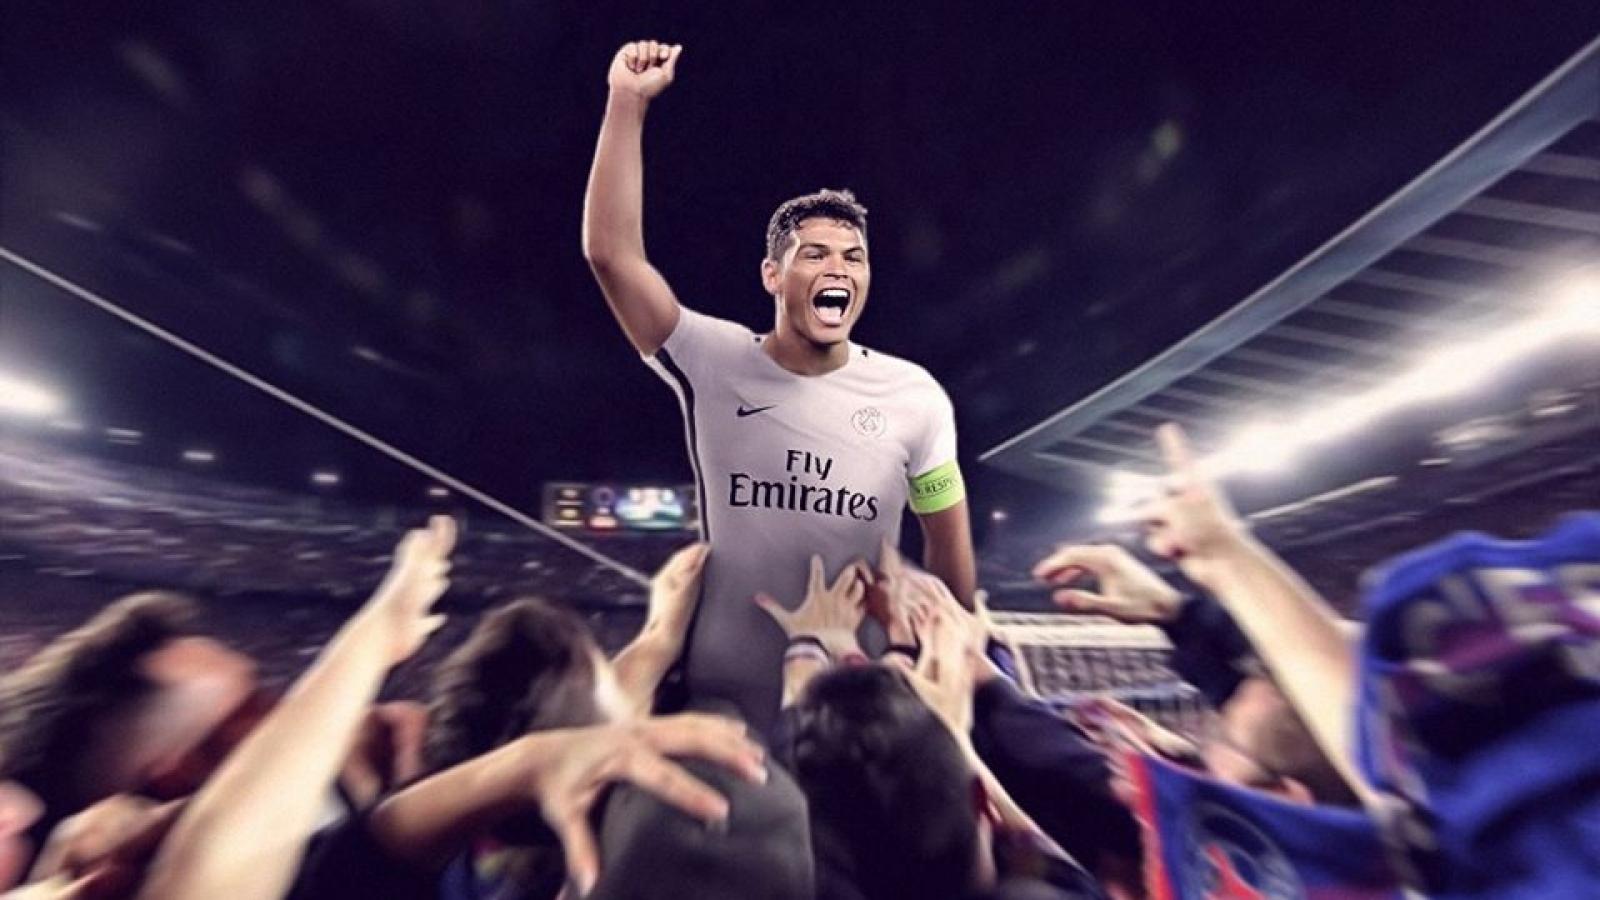 Vũ trụ bóng đá ngược đời: PSG lội ngược dòng thần thánh trước Barca